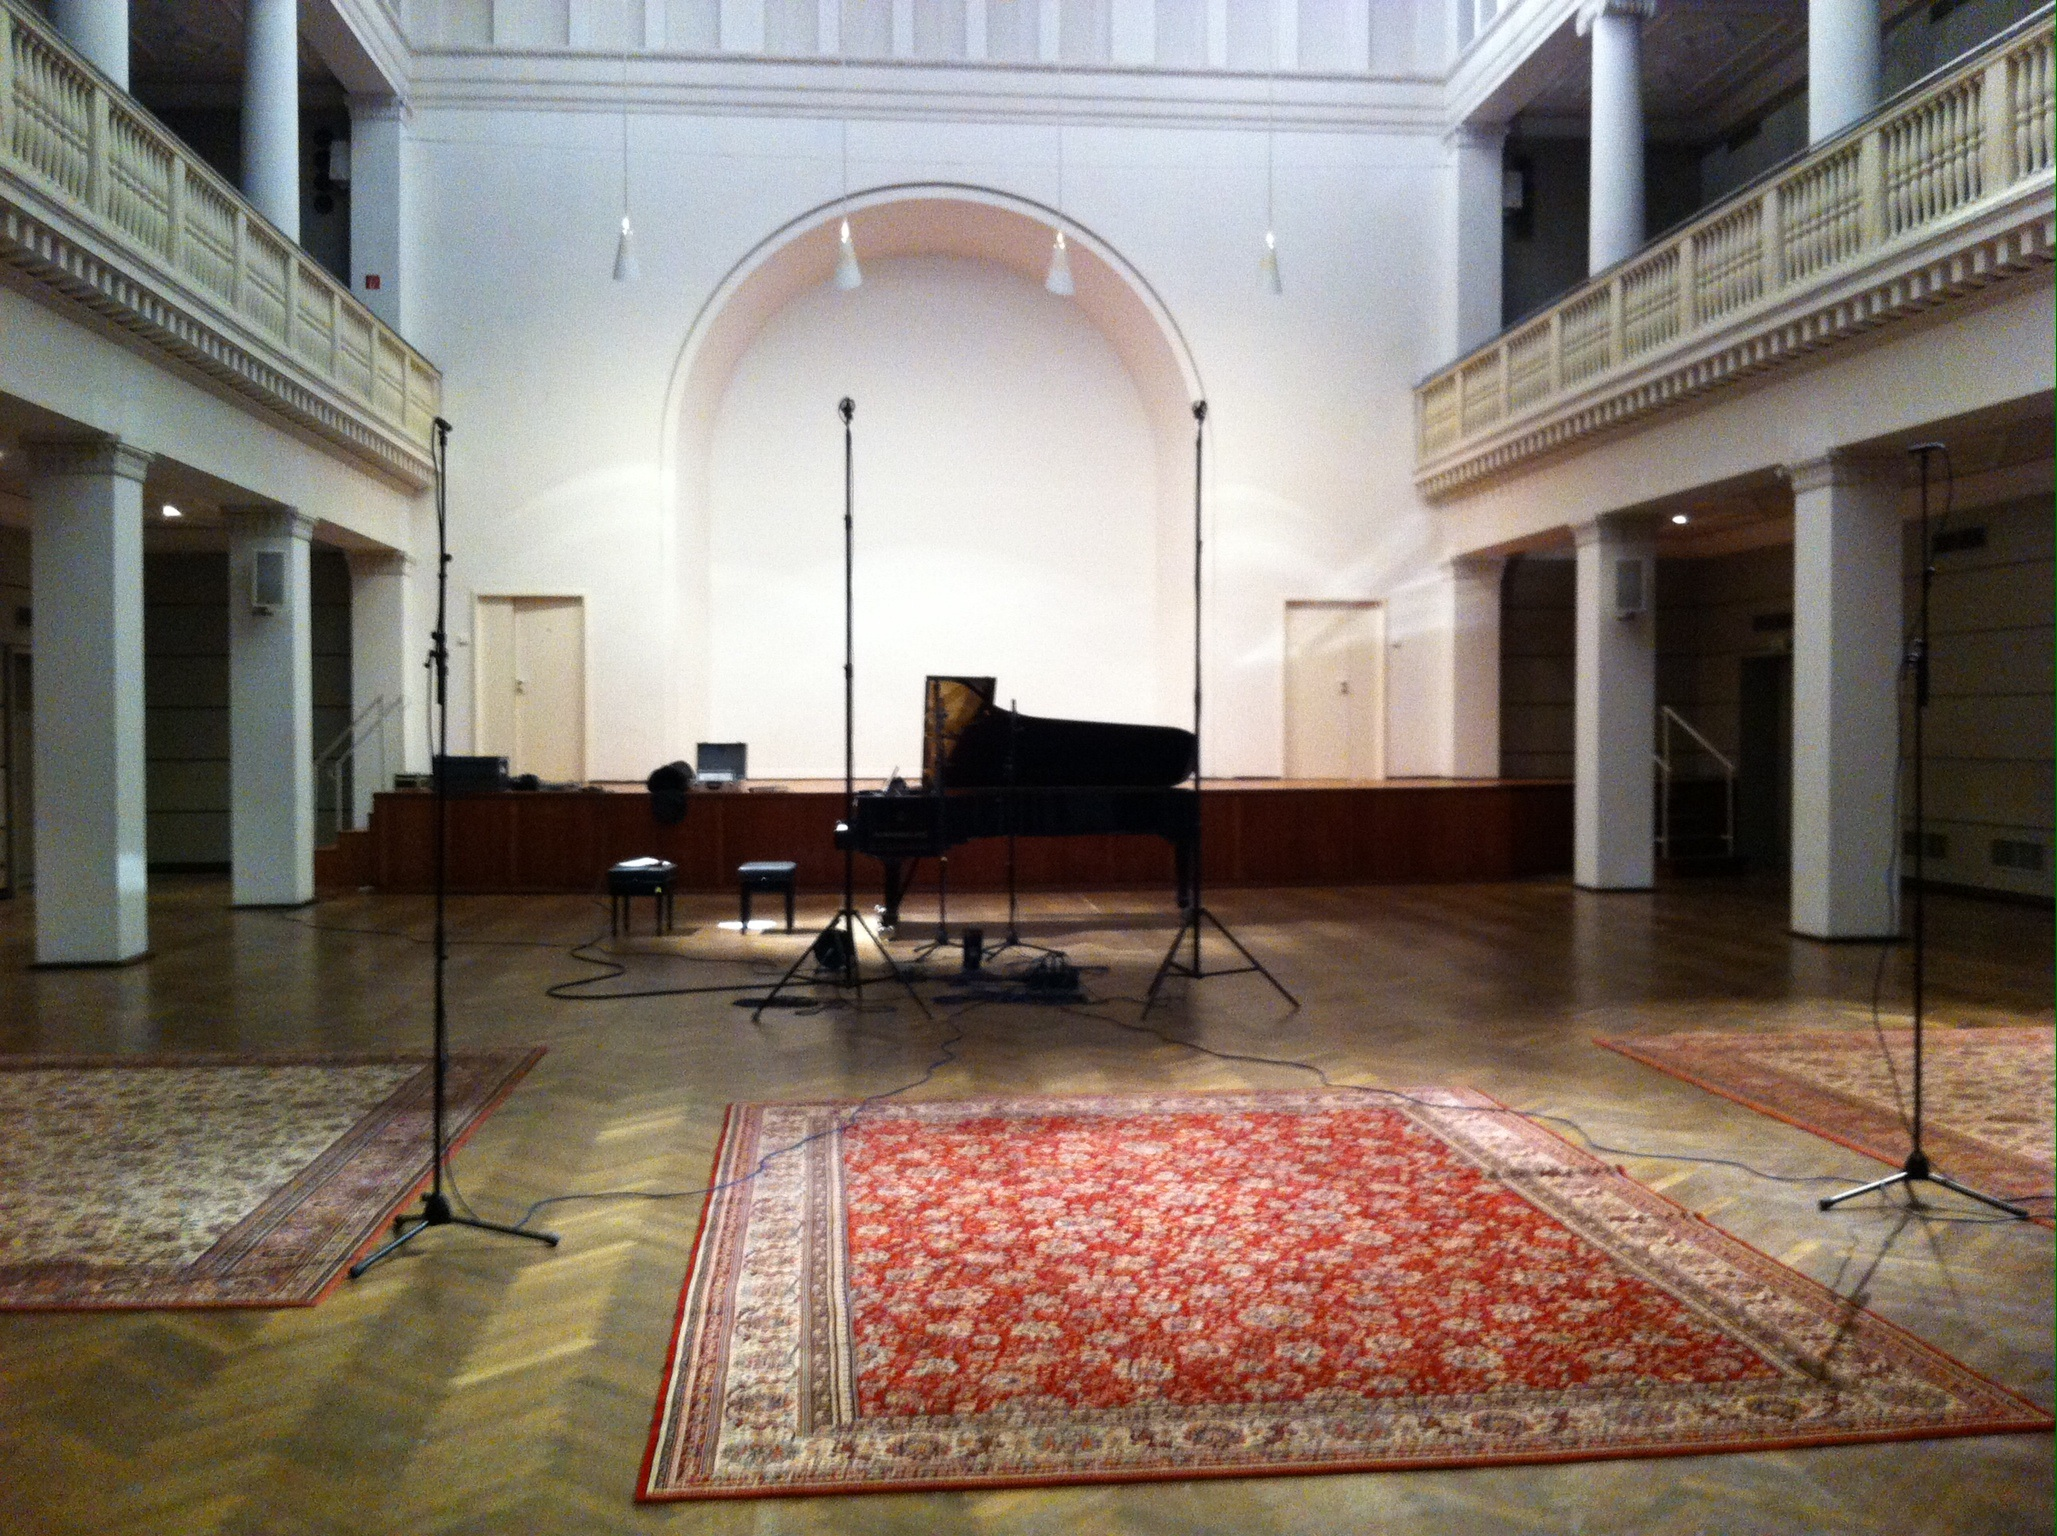 Intérieur de la salle Leibnitz (anciennement Salle Beethoven) de Hannovre en 2013, citée de la page https://www.juliabartha.de/de/2014/01/31/cd-aufnahme-im-beethovensaal-hannover-oktober-2013/